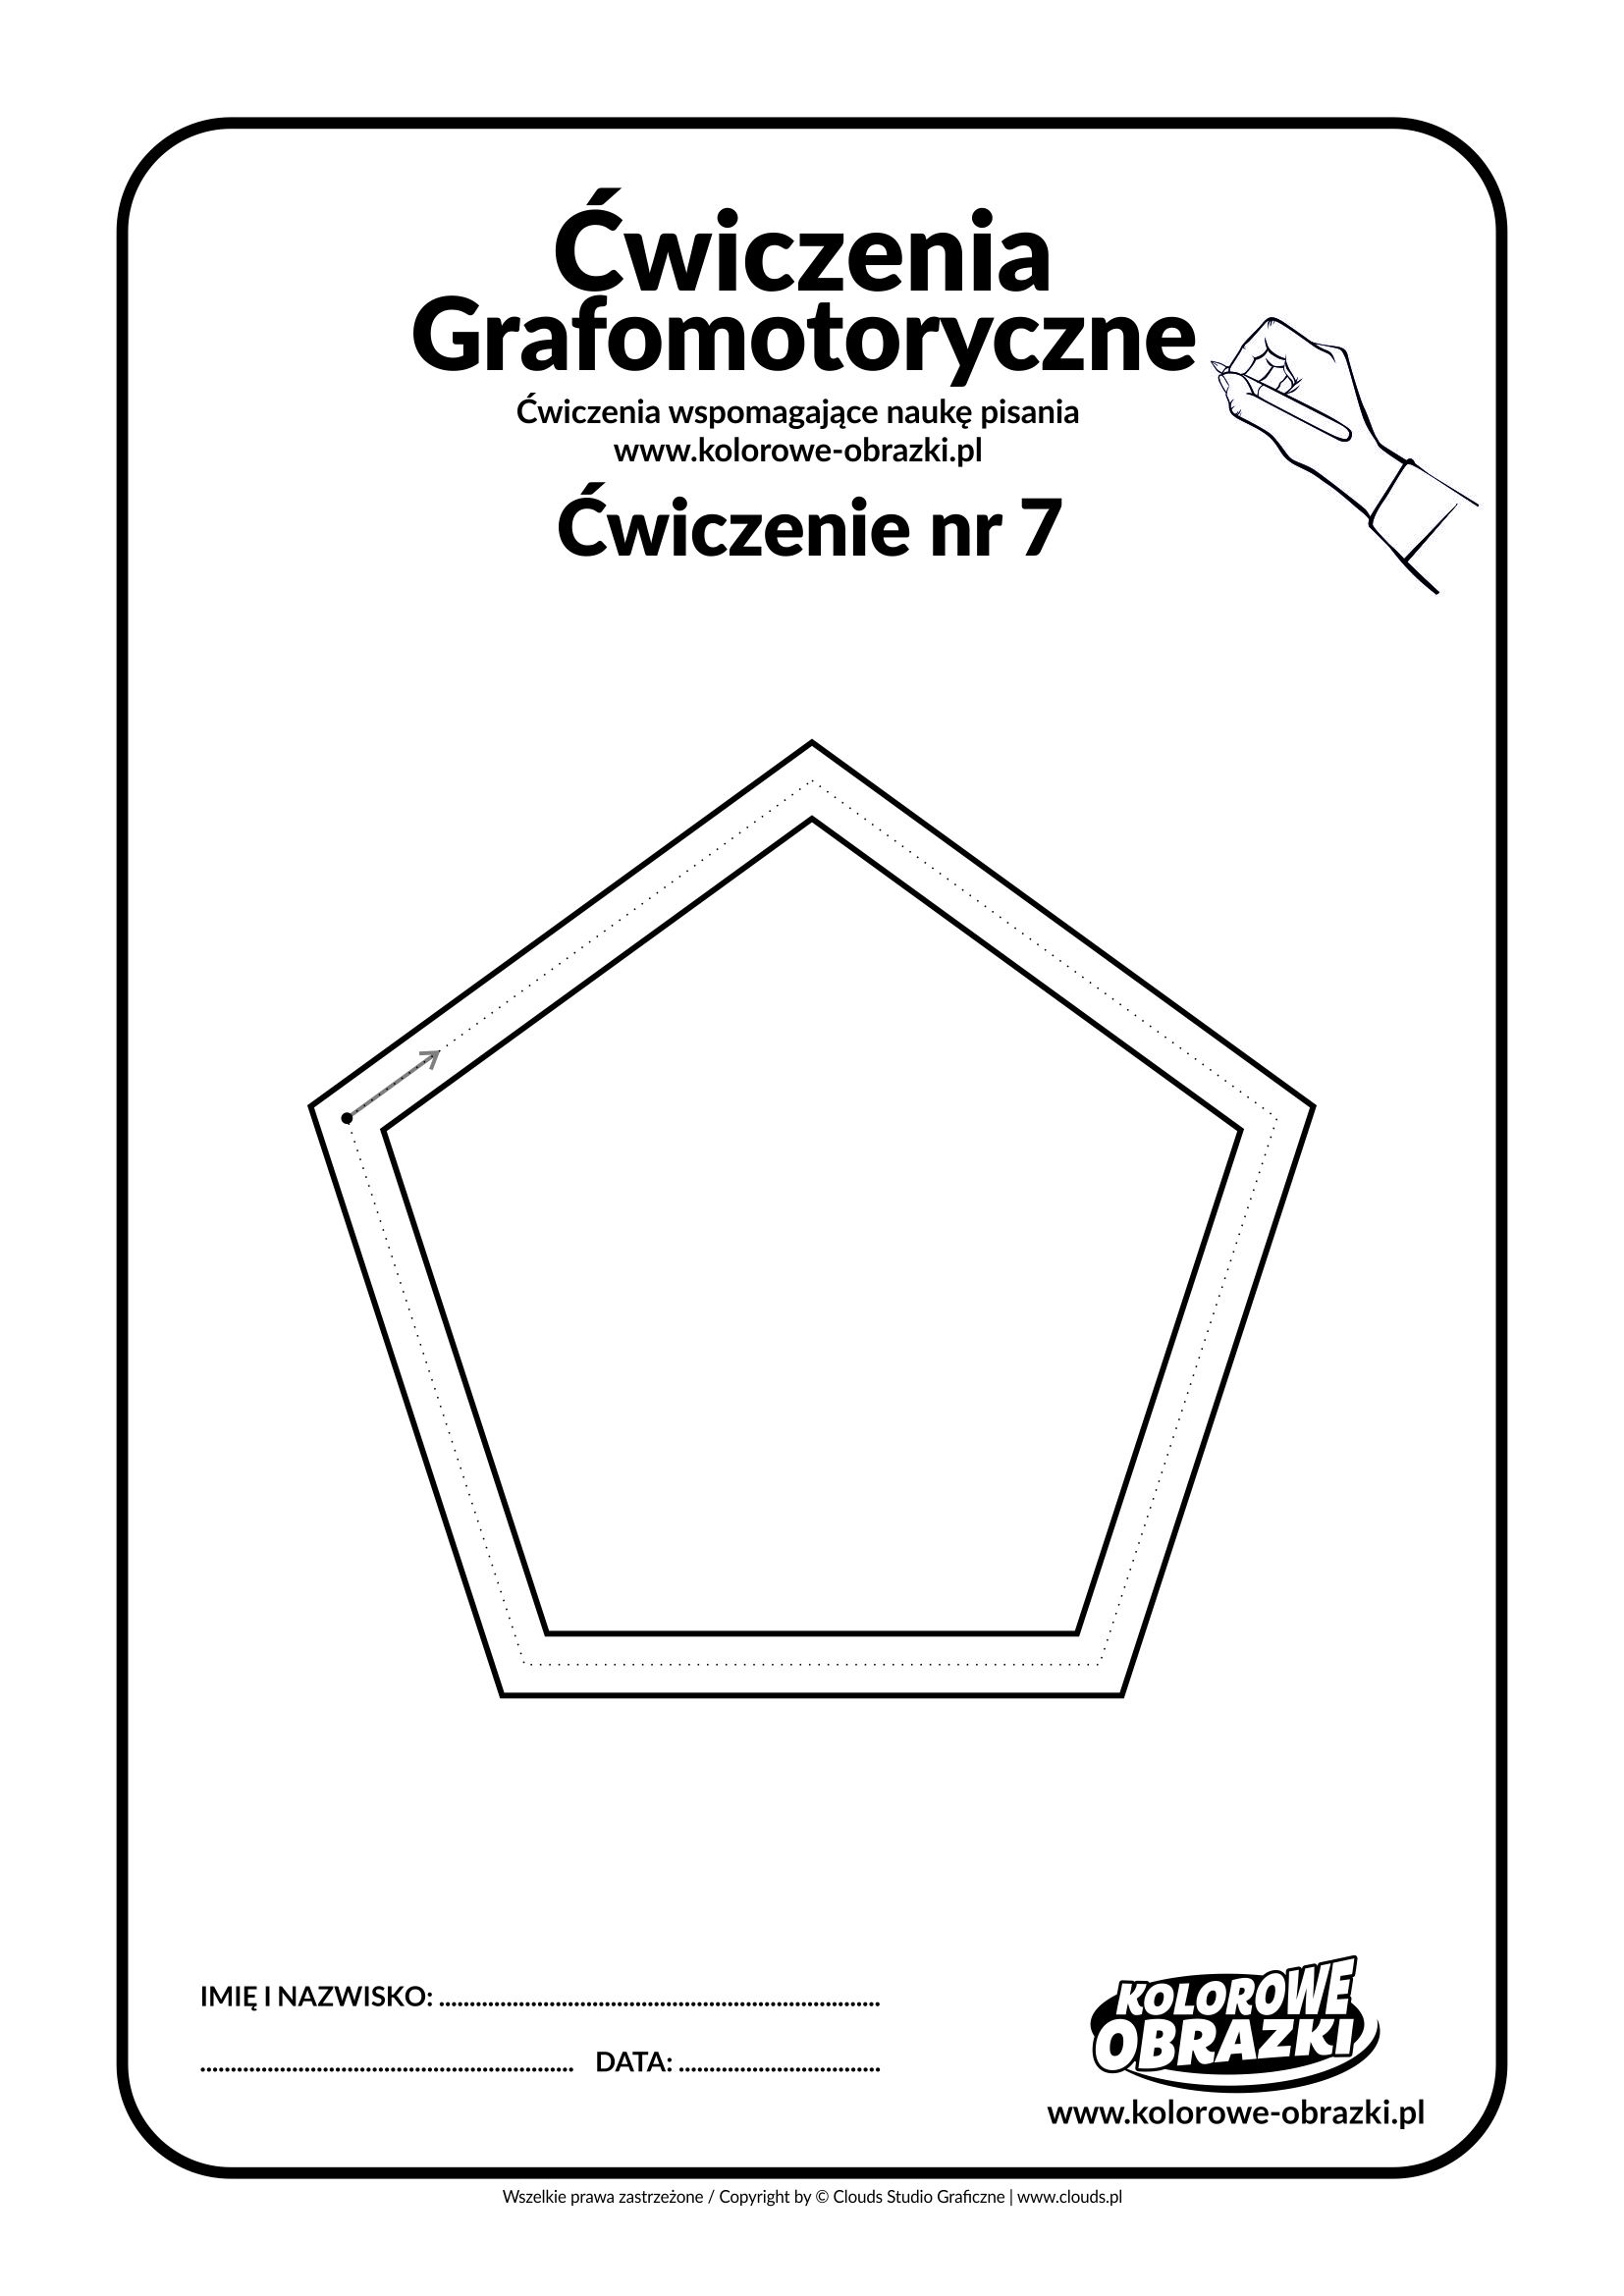 Ćwiczenia grafomotoryczne dla dzieci - ćwiczenie nr 7